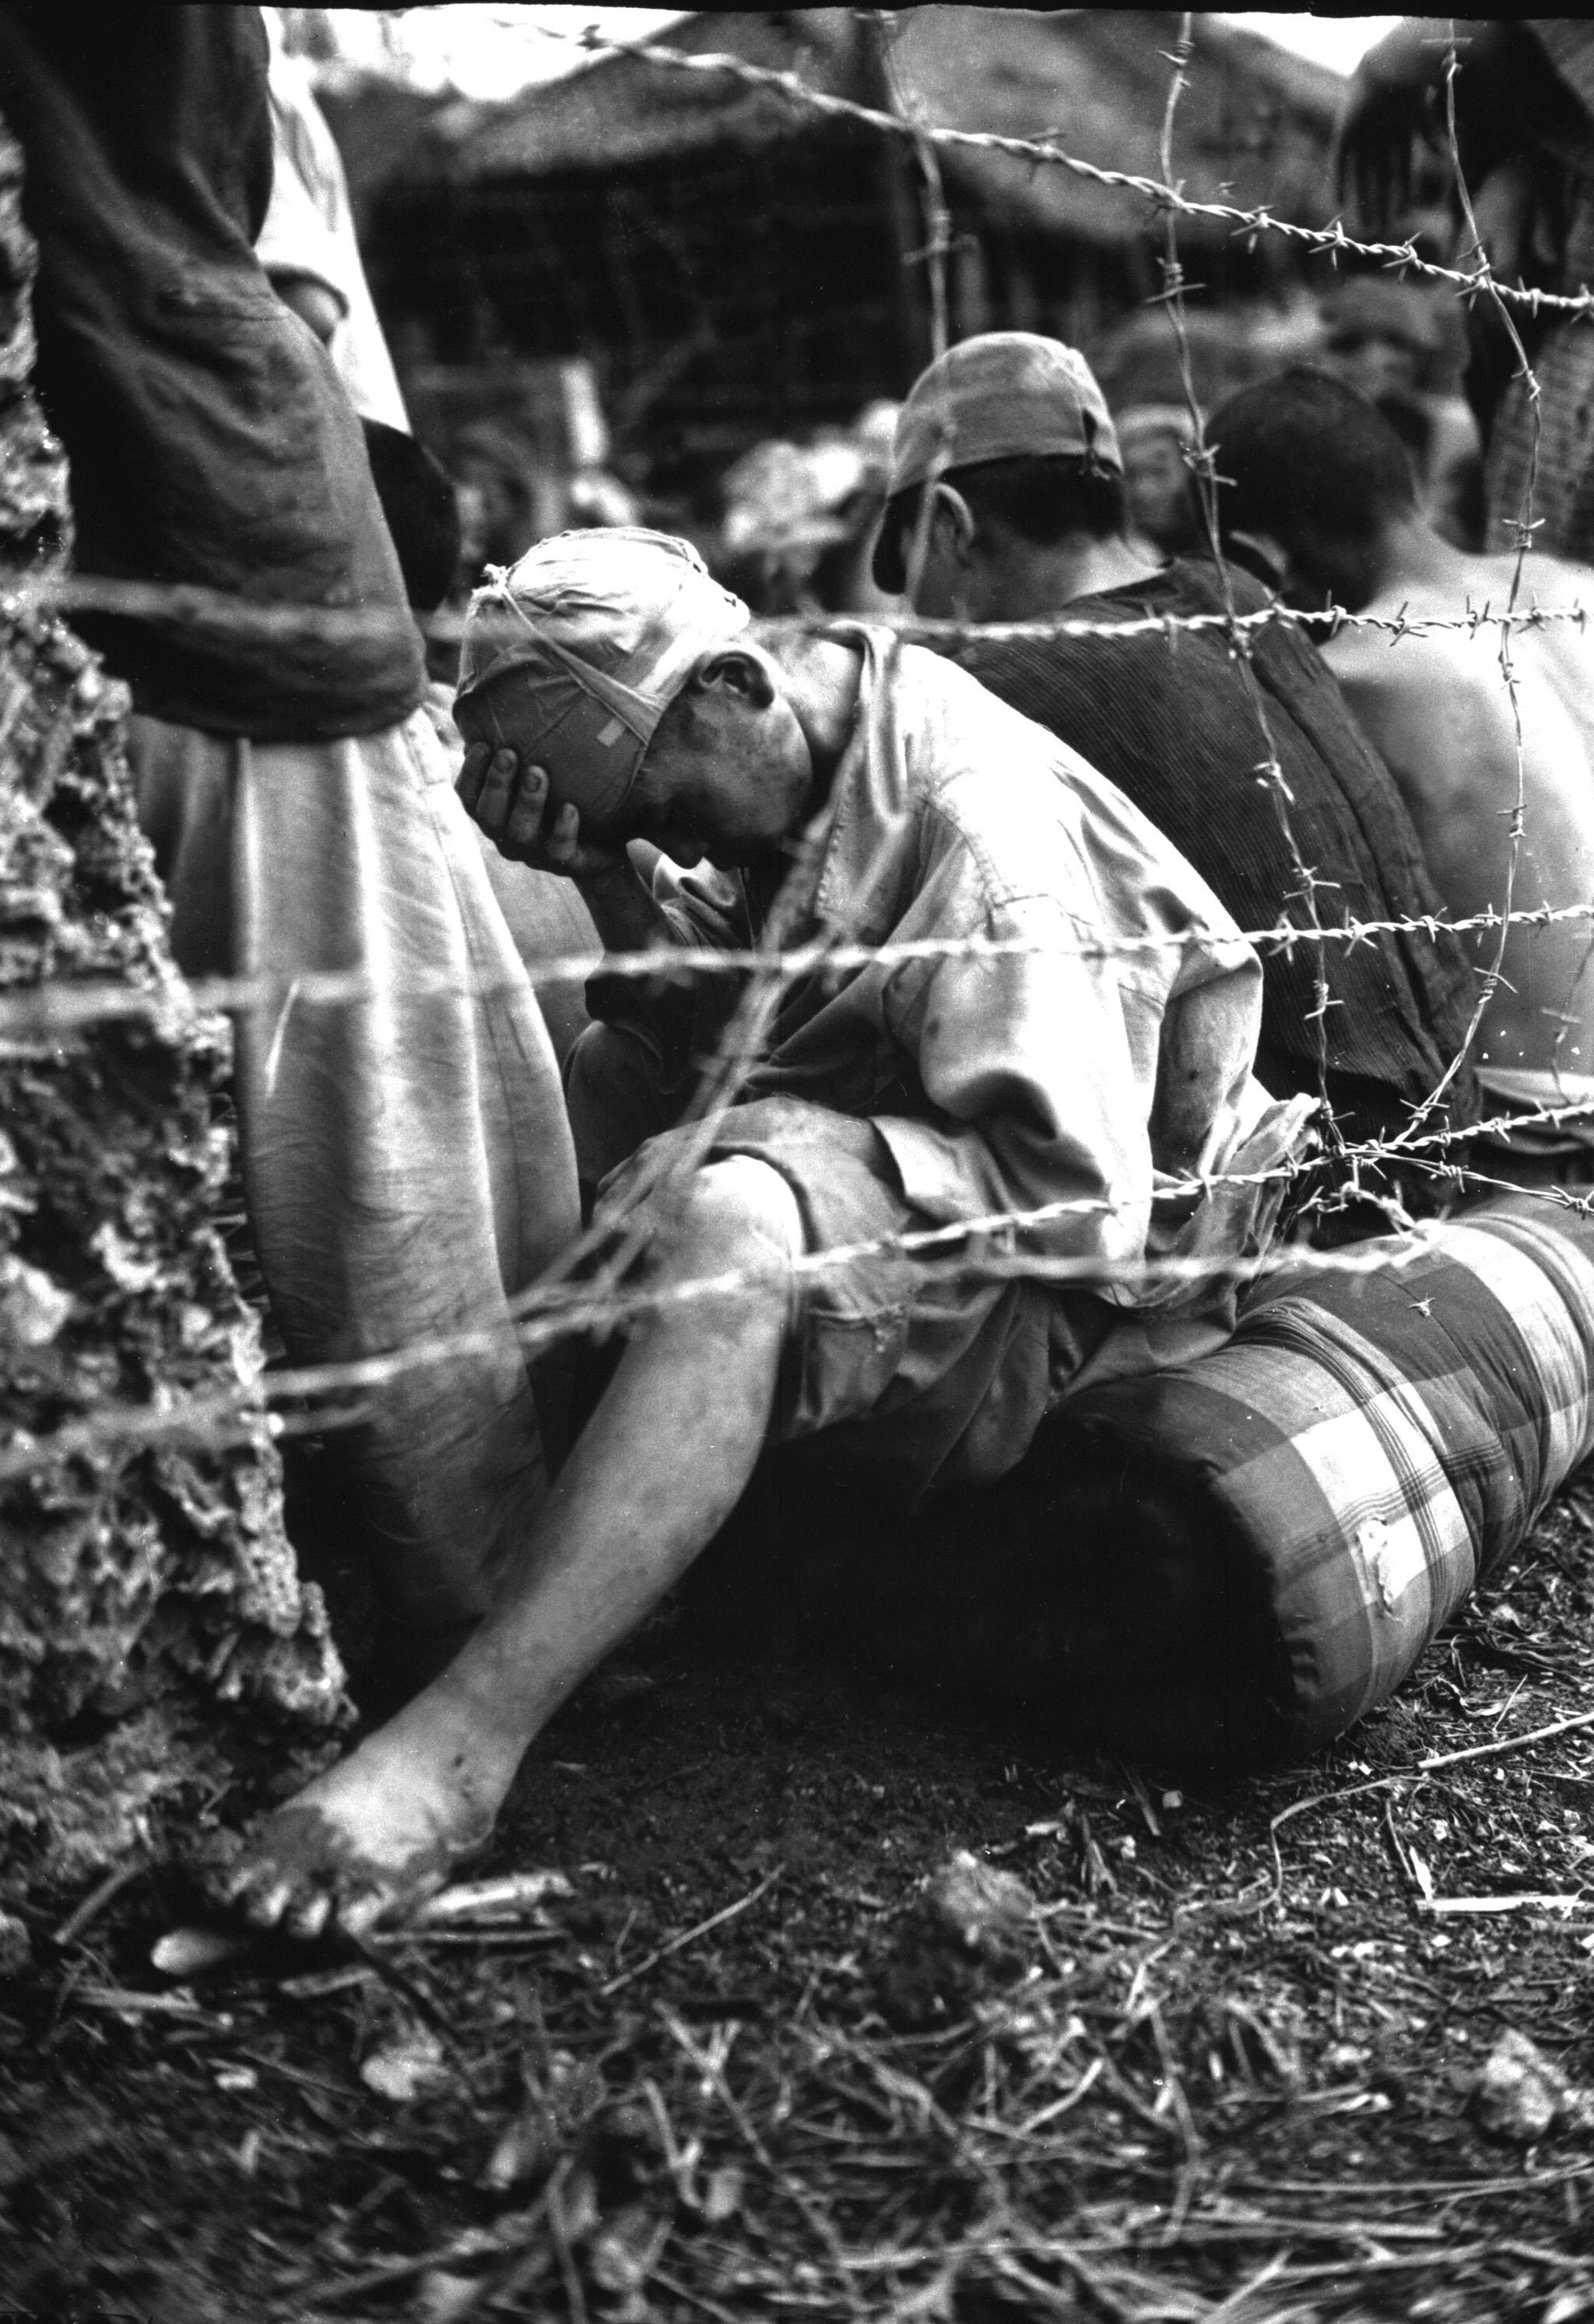 沖縄でアメリカ軍に捕らえられた日本軍捕虜